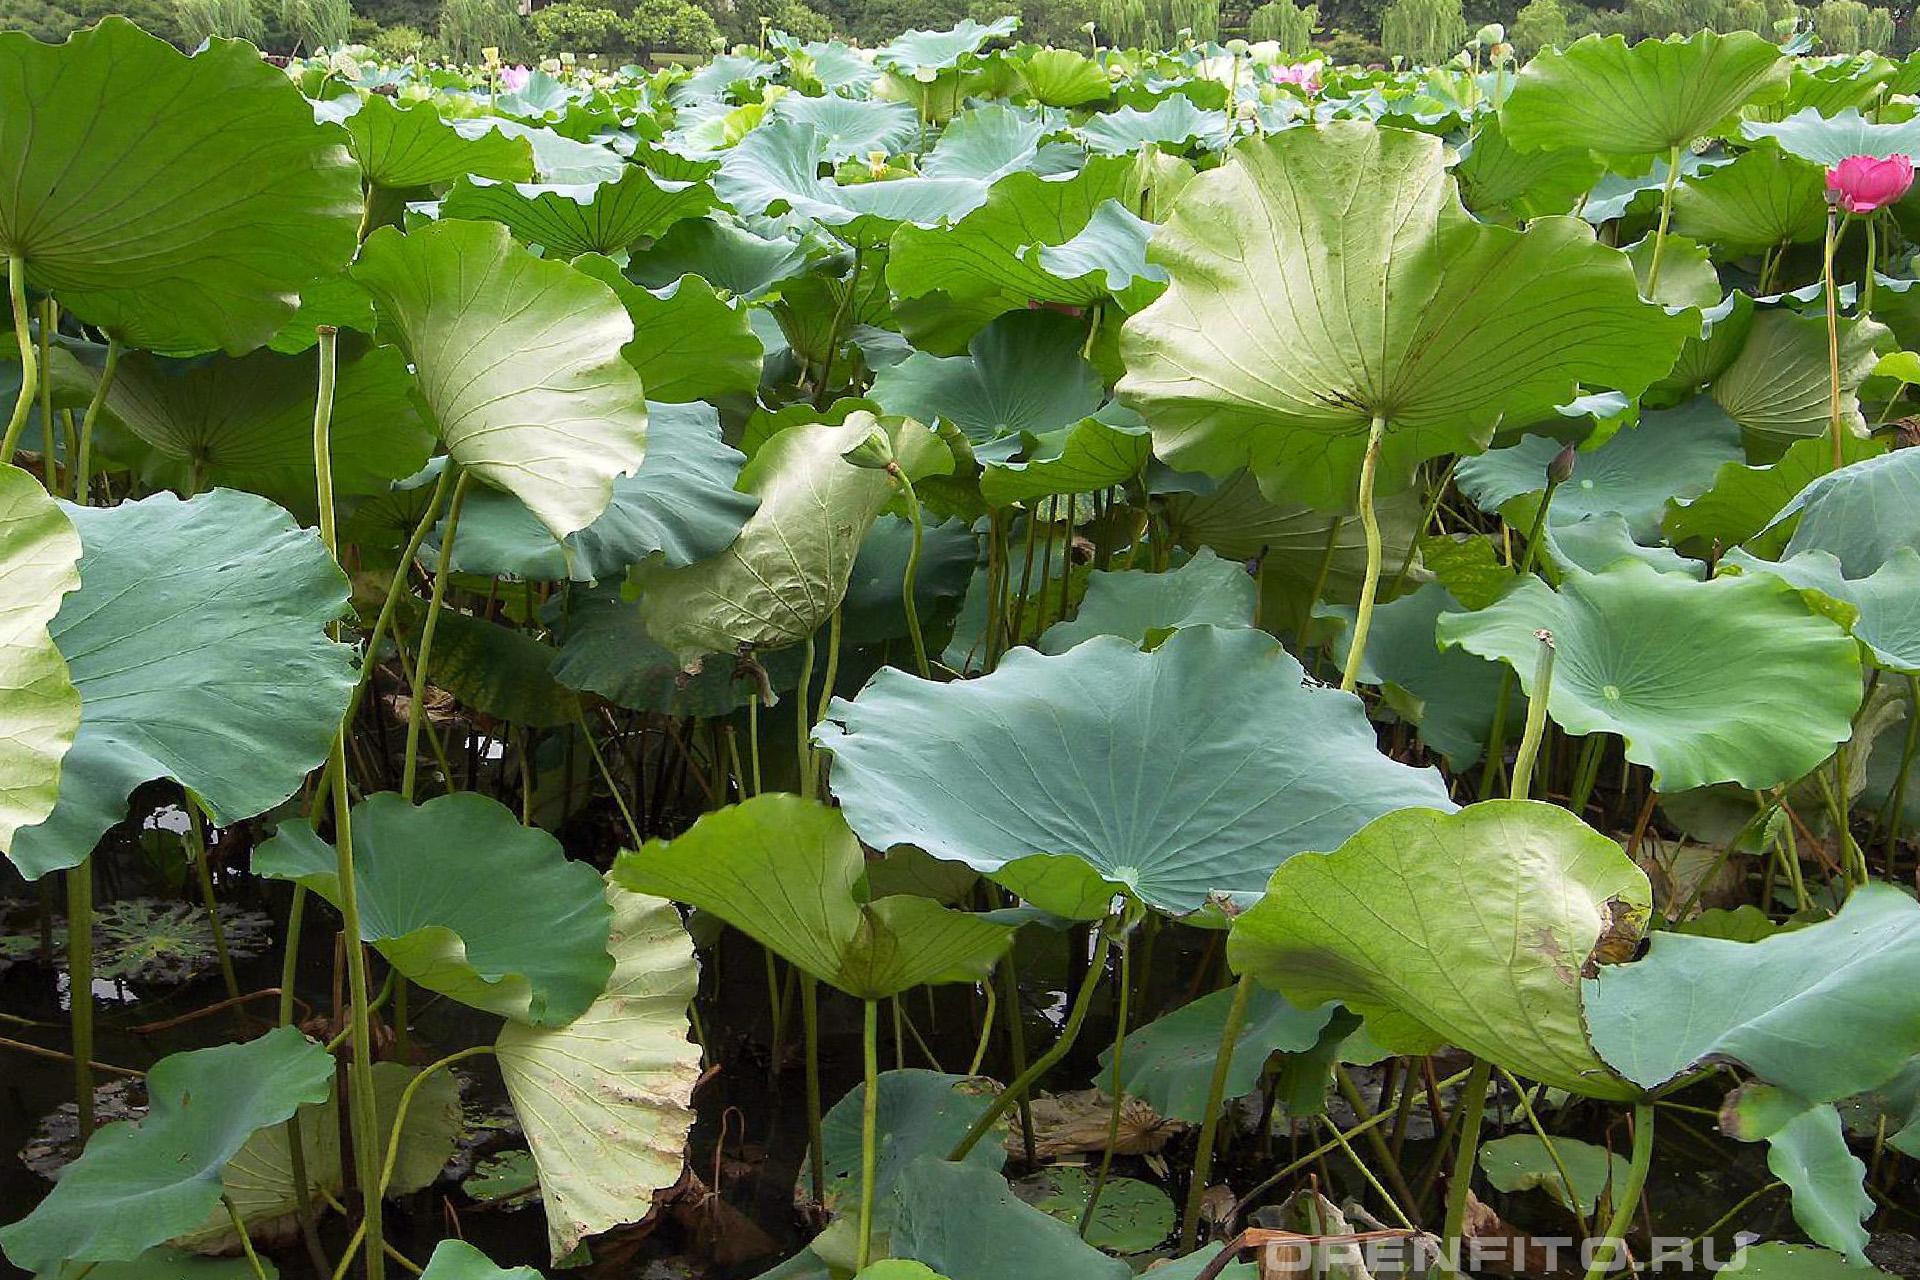 Лотос каспийский так выглядит растение к концу цветения